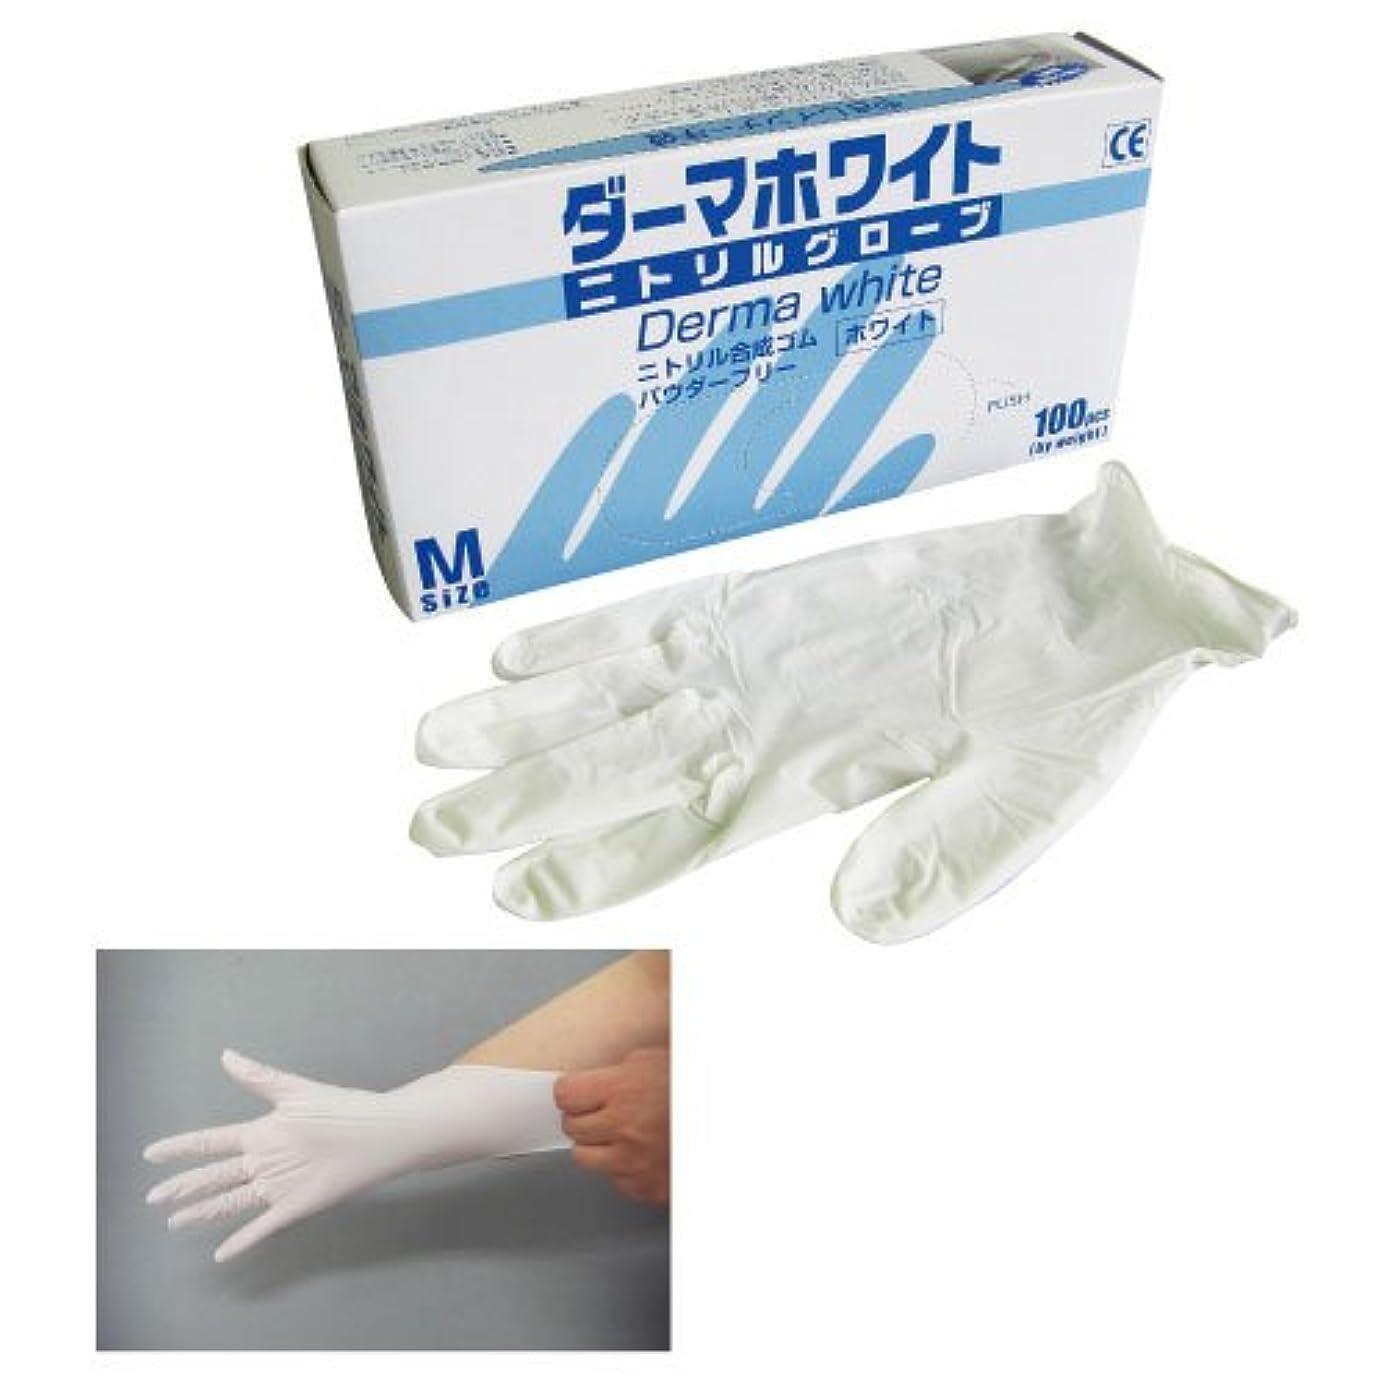 酸槍ミシンダーマホワイト ニトリル手袋PF ?????????????????PF(23-3770-01)GN01(S)100??